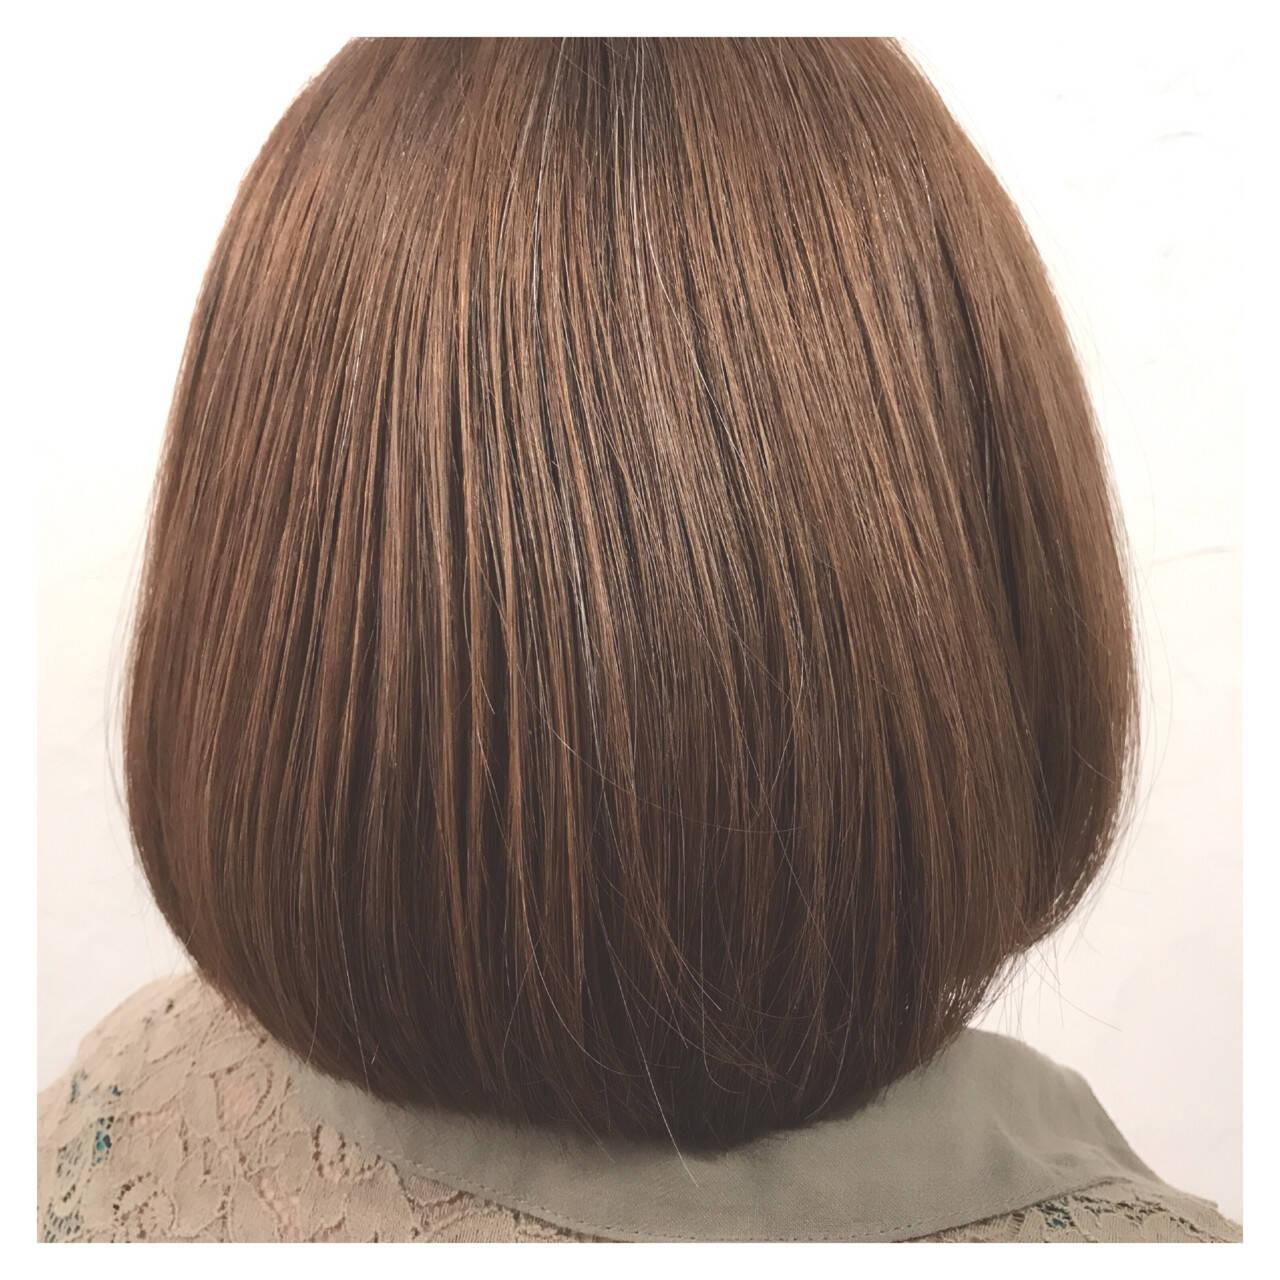 オフィス アッシュ ボブ ナチュラルヘアスタイルや髪型の写真・画像